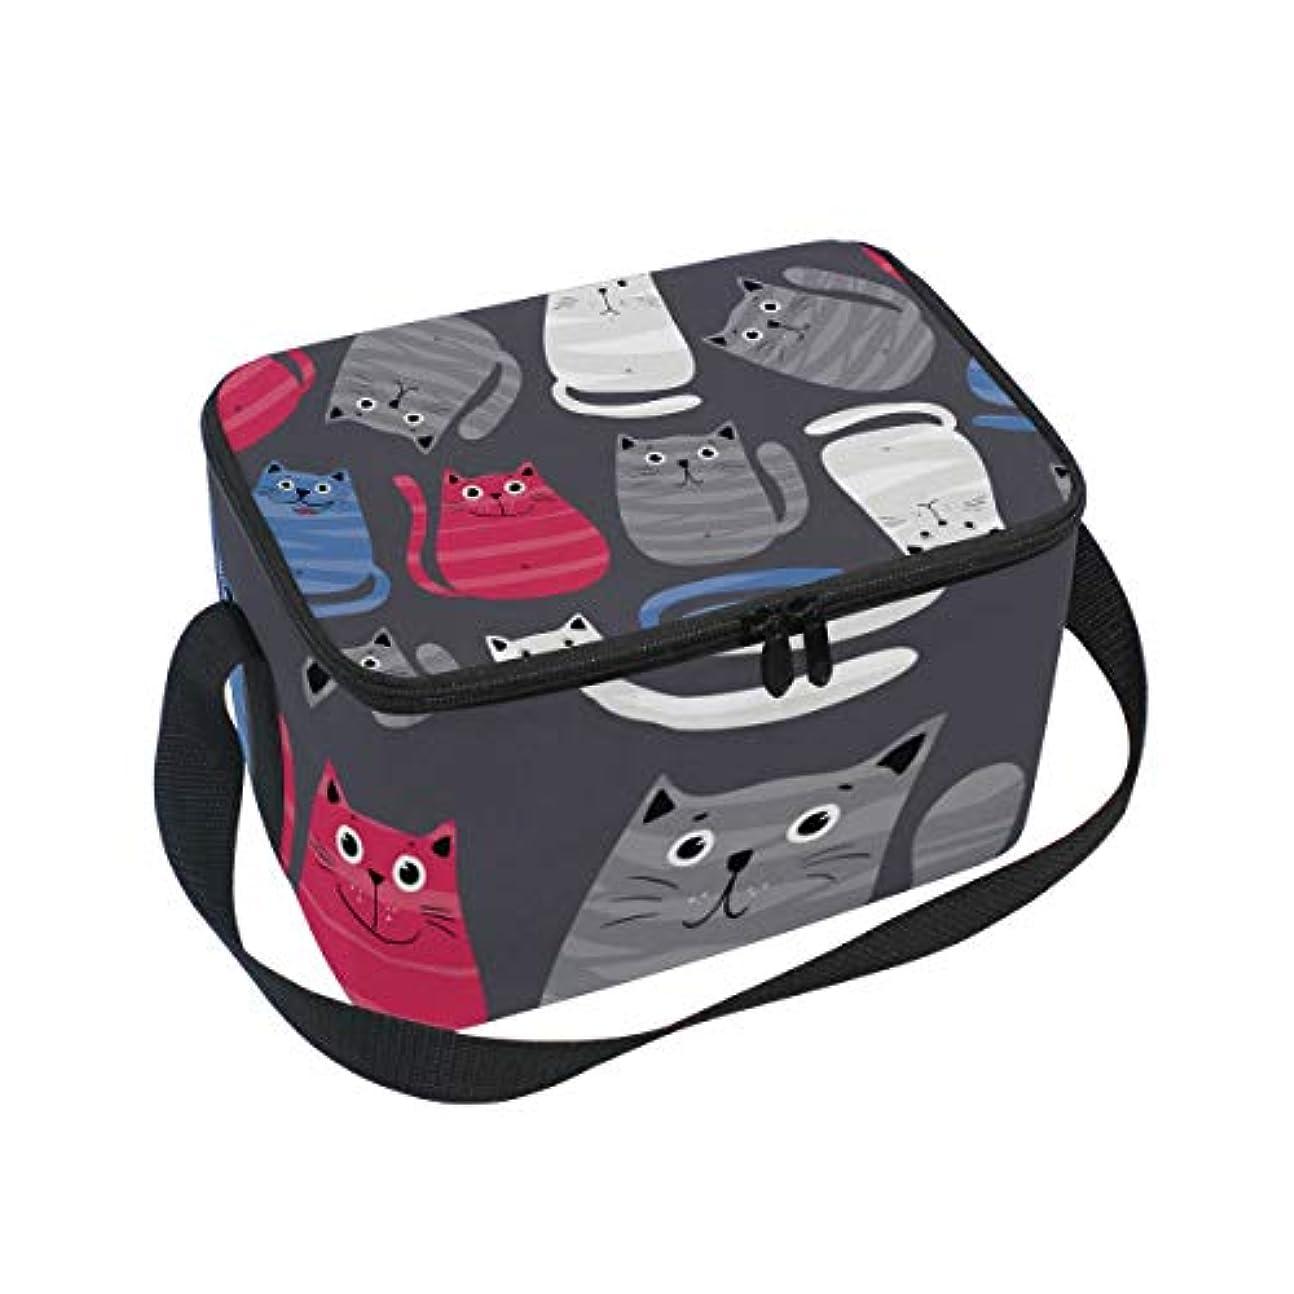 代数的曲正確クーラーバッグ クーラーボックス ソフトクーラ 冷蔵ボックス キャンプ用品 猫柄 可愛い 保冷保温 大容量 肩掛け お花見 アウトドア